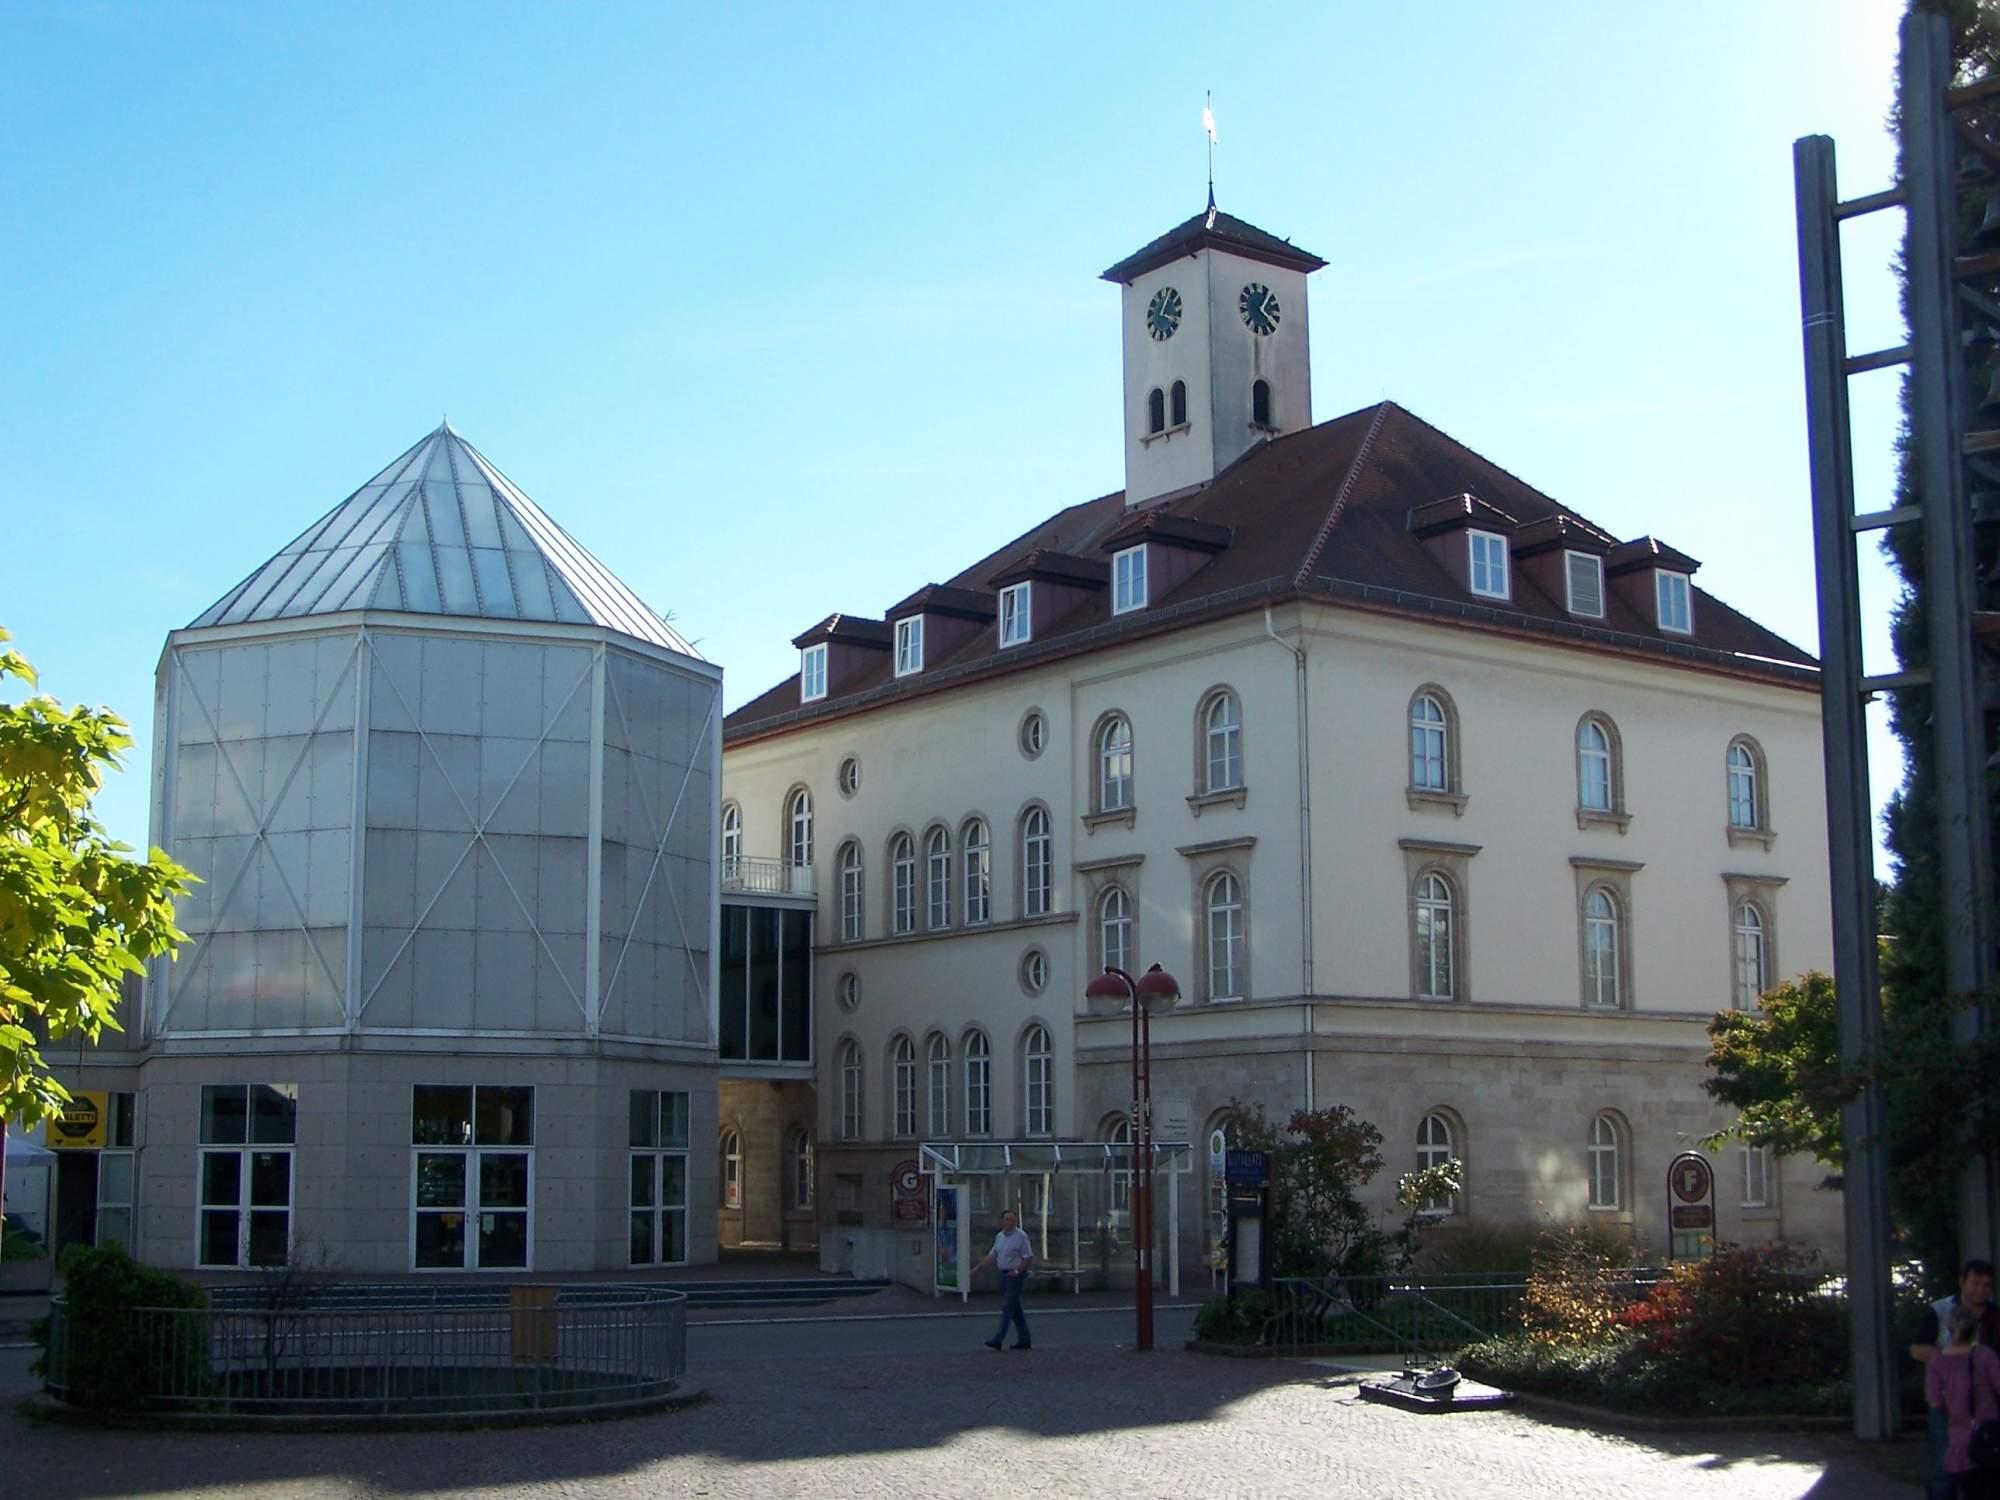 Architekt Sindelfingen bb heute sindelfingen glaspalast und oktogon sind jetzt denkmale